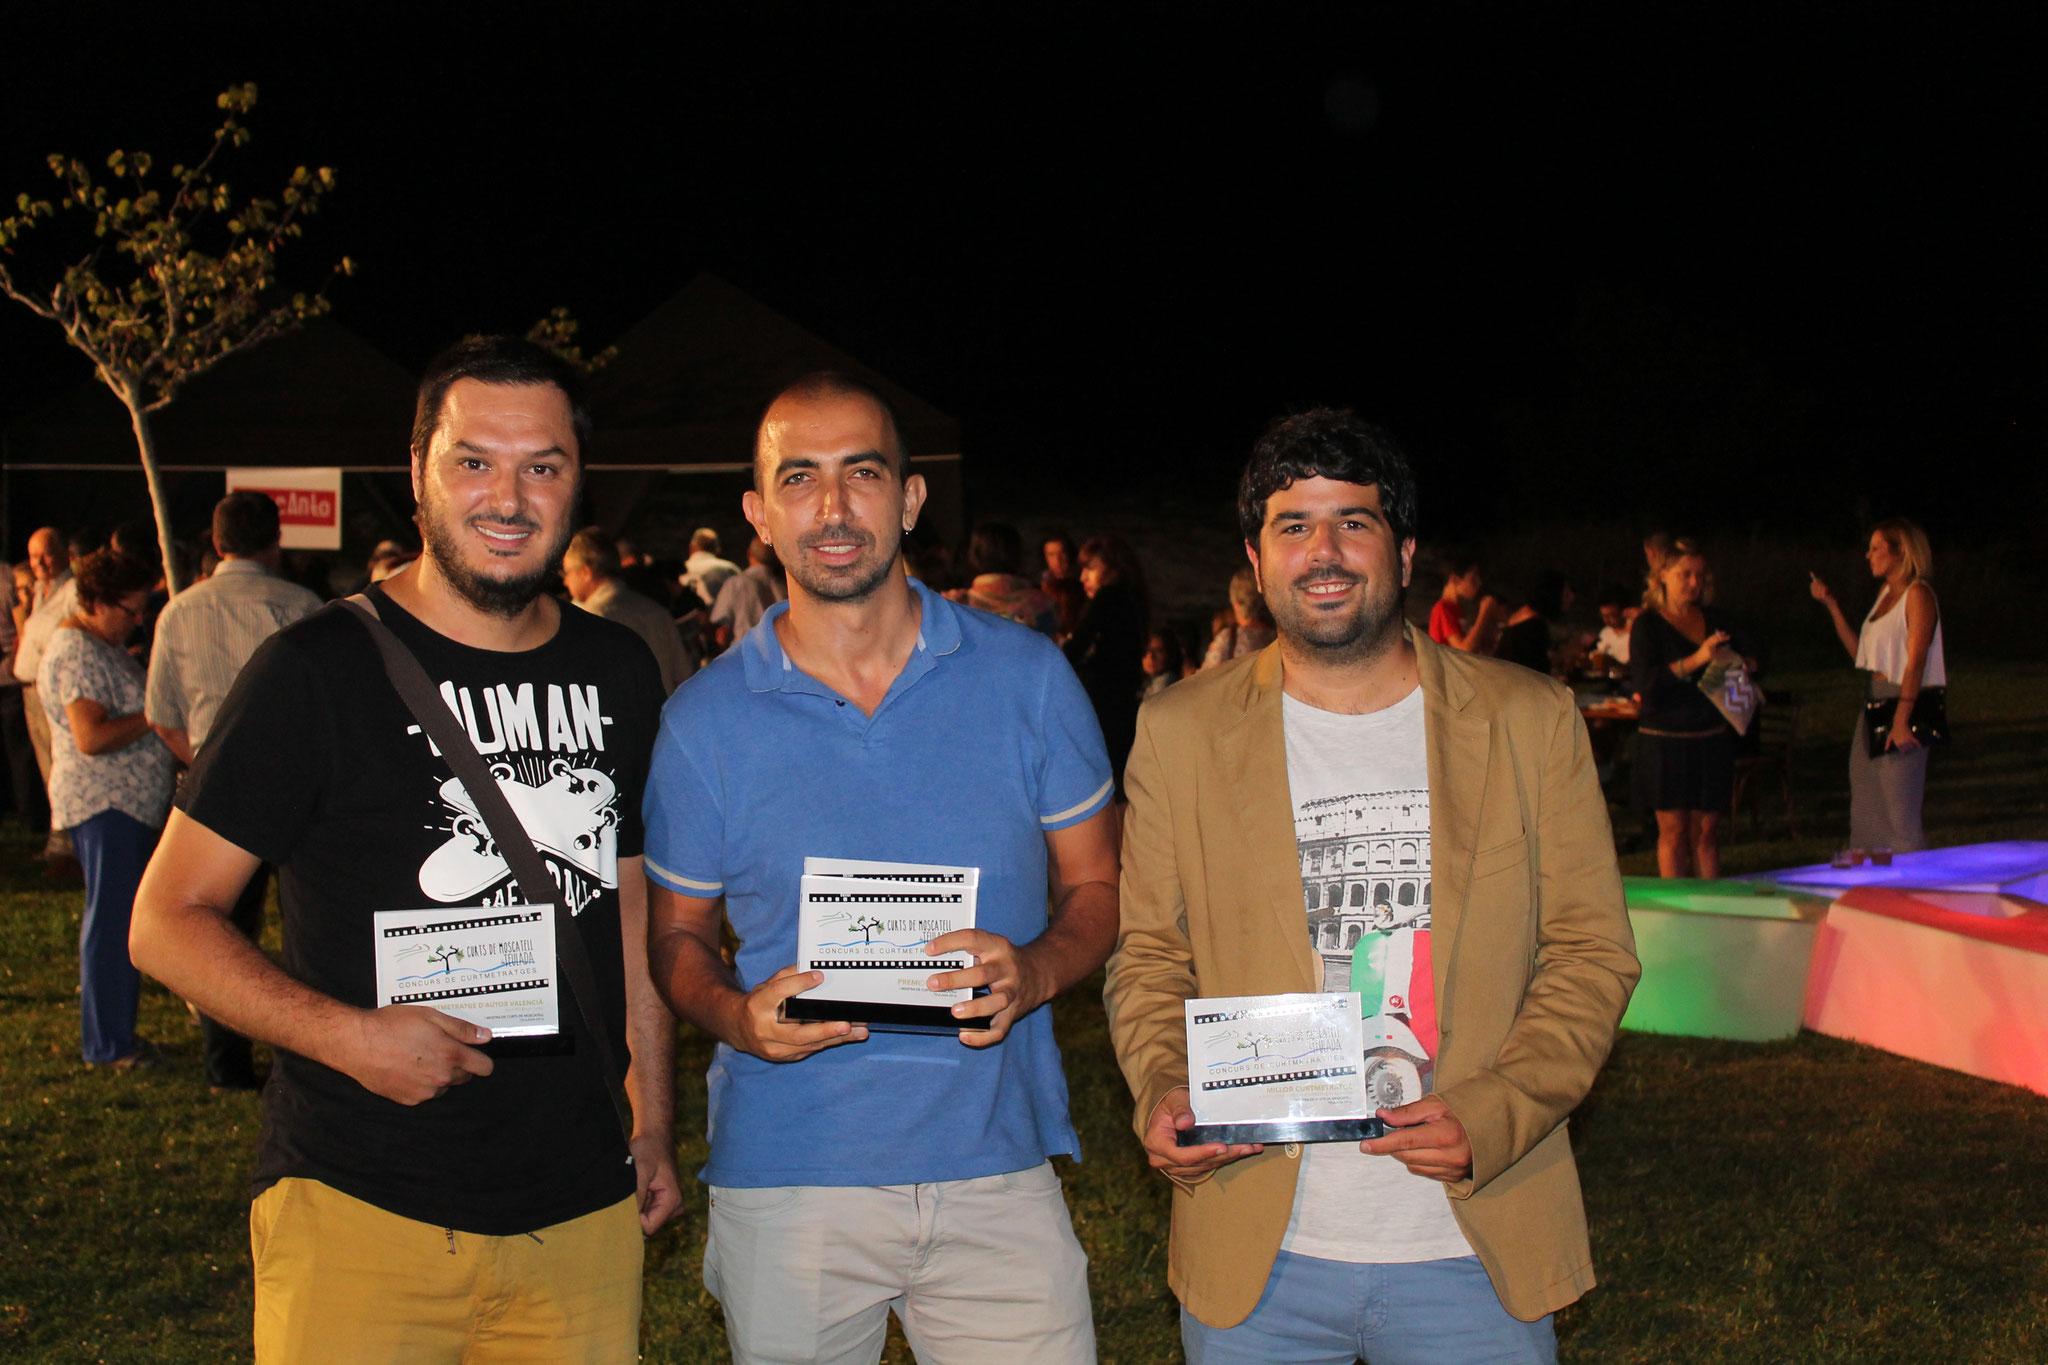 Alex Rey, Enrique Leal, i Fran, qui va rebre el premi en nom d'Alberto Rodríguez per No Abortamos.